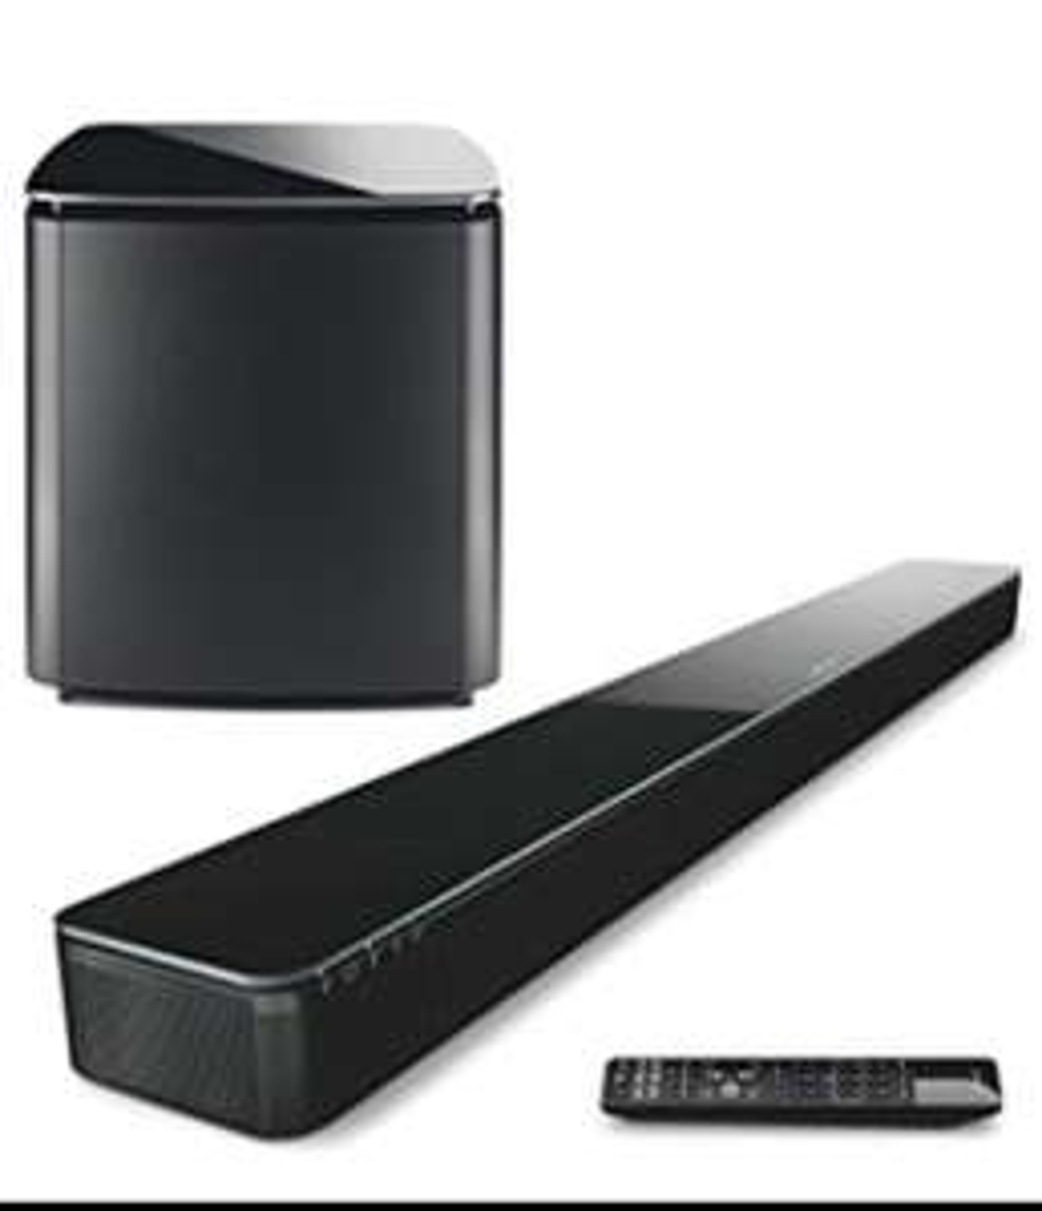 Bose Soundtouch 300 + Acousticmass 300 bei Media Markt / Saturn im Laden